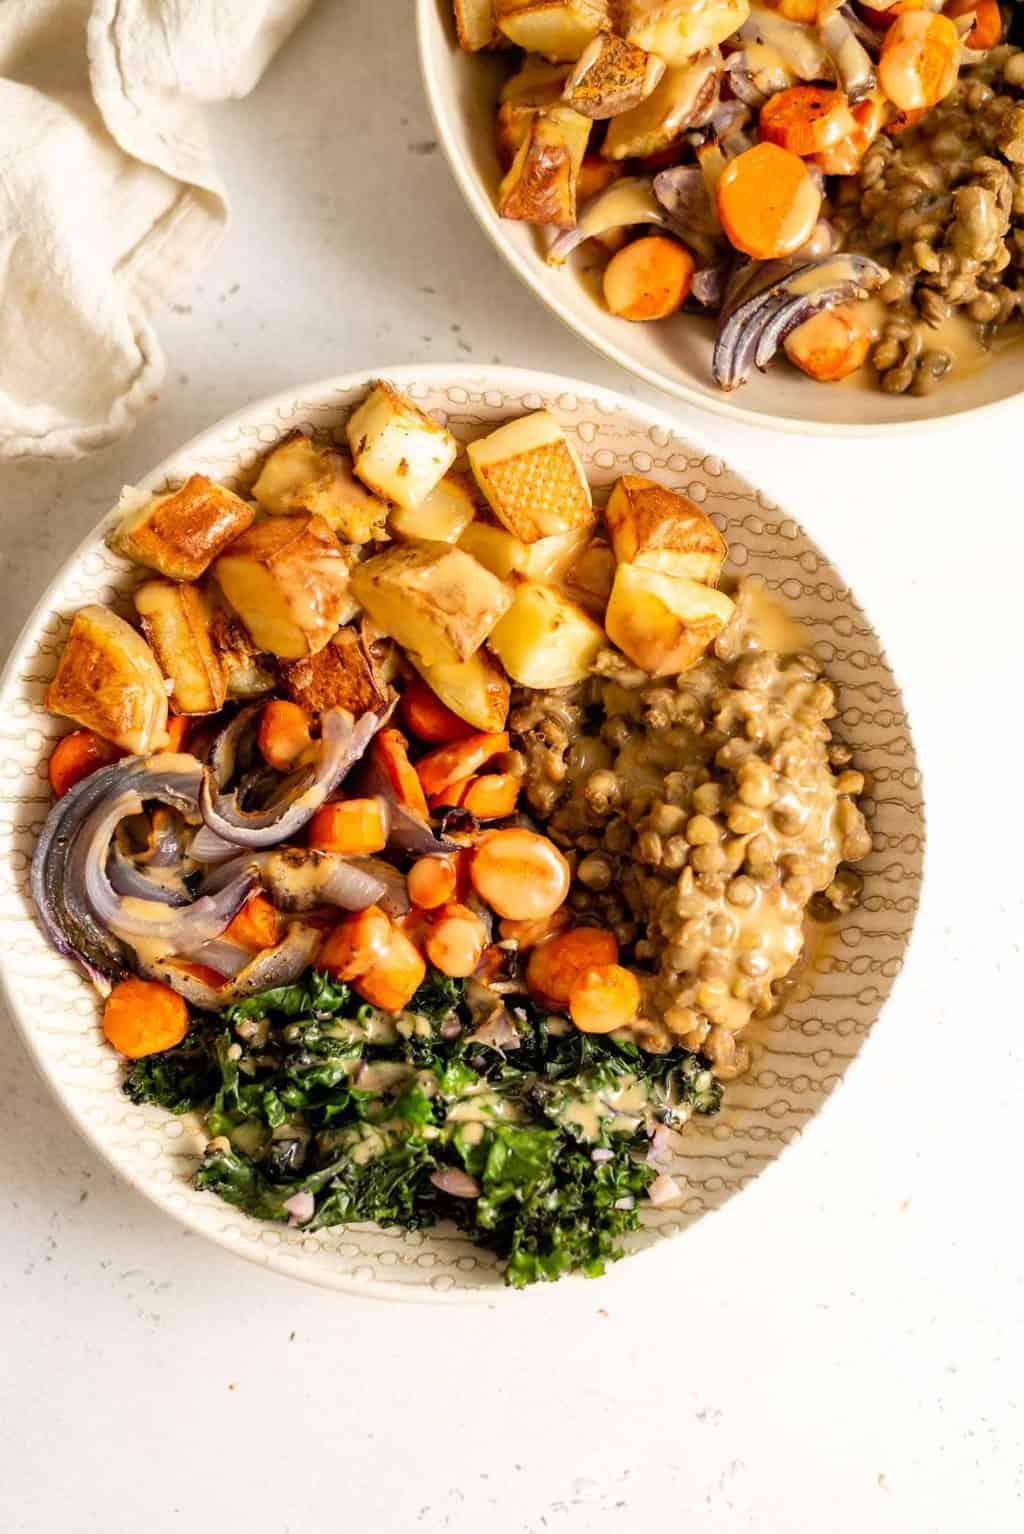 Lentil nourish bowl